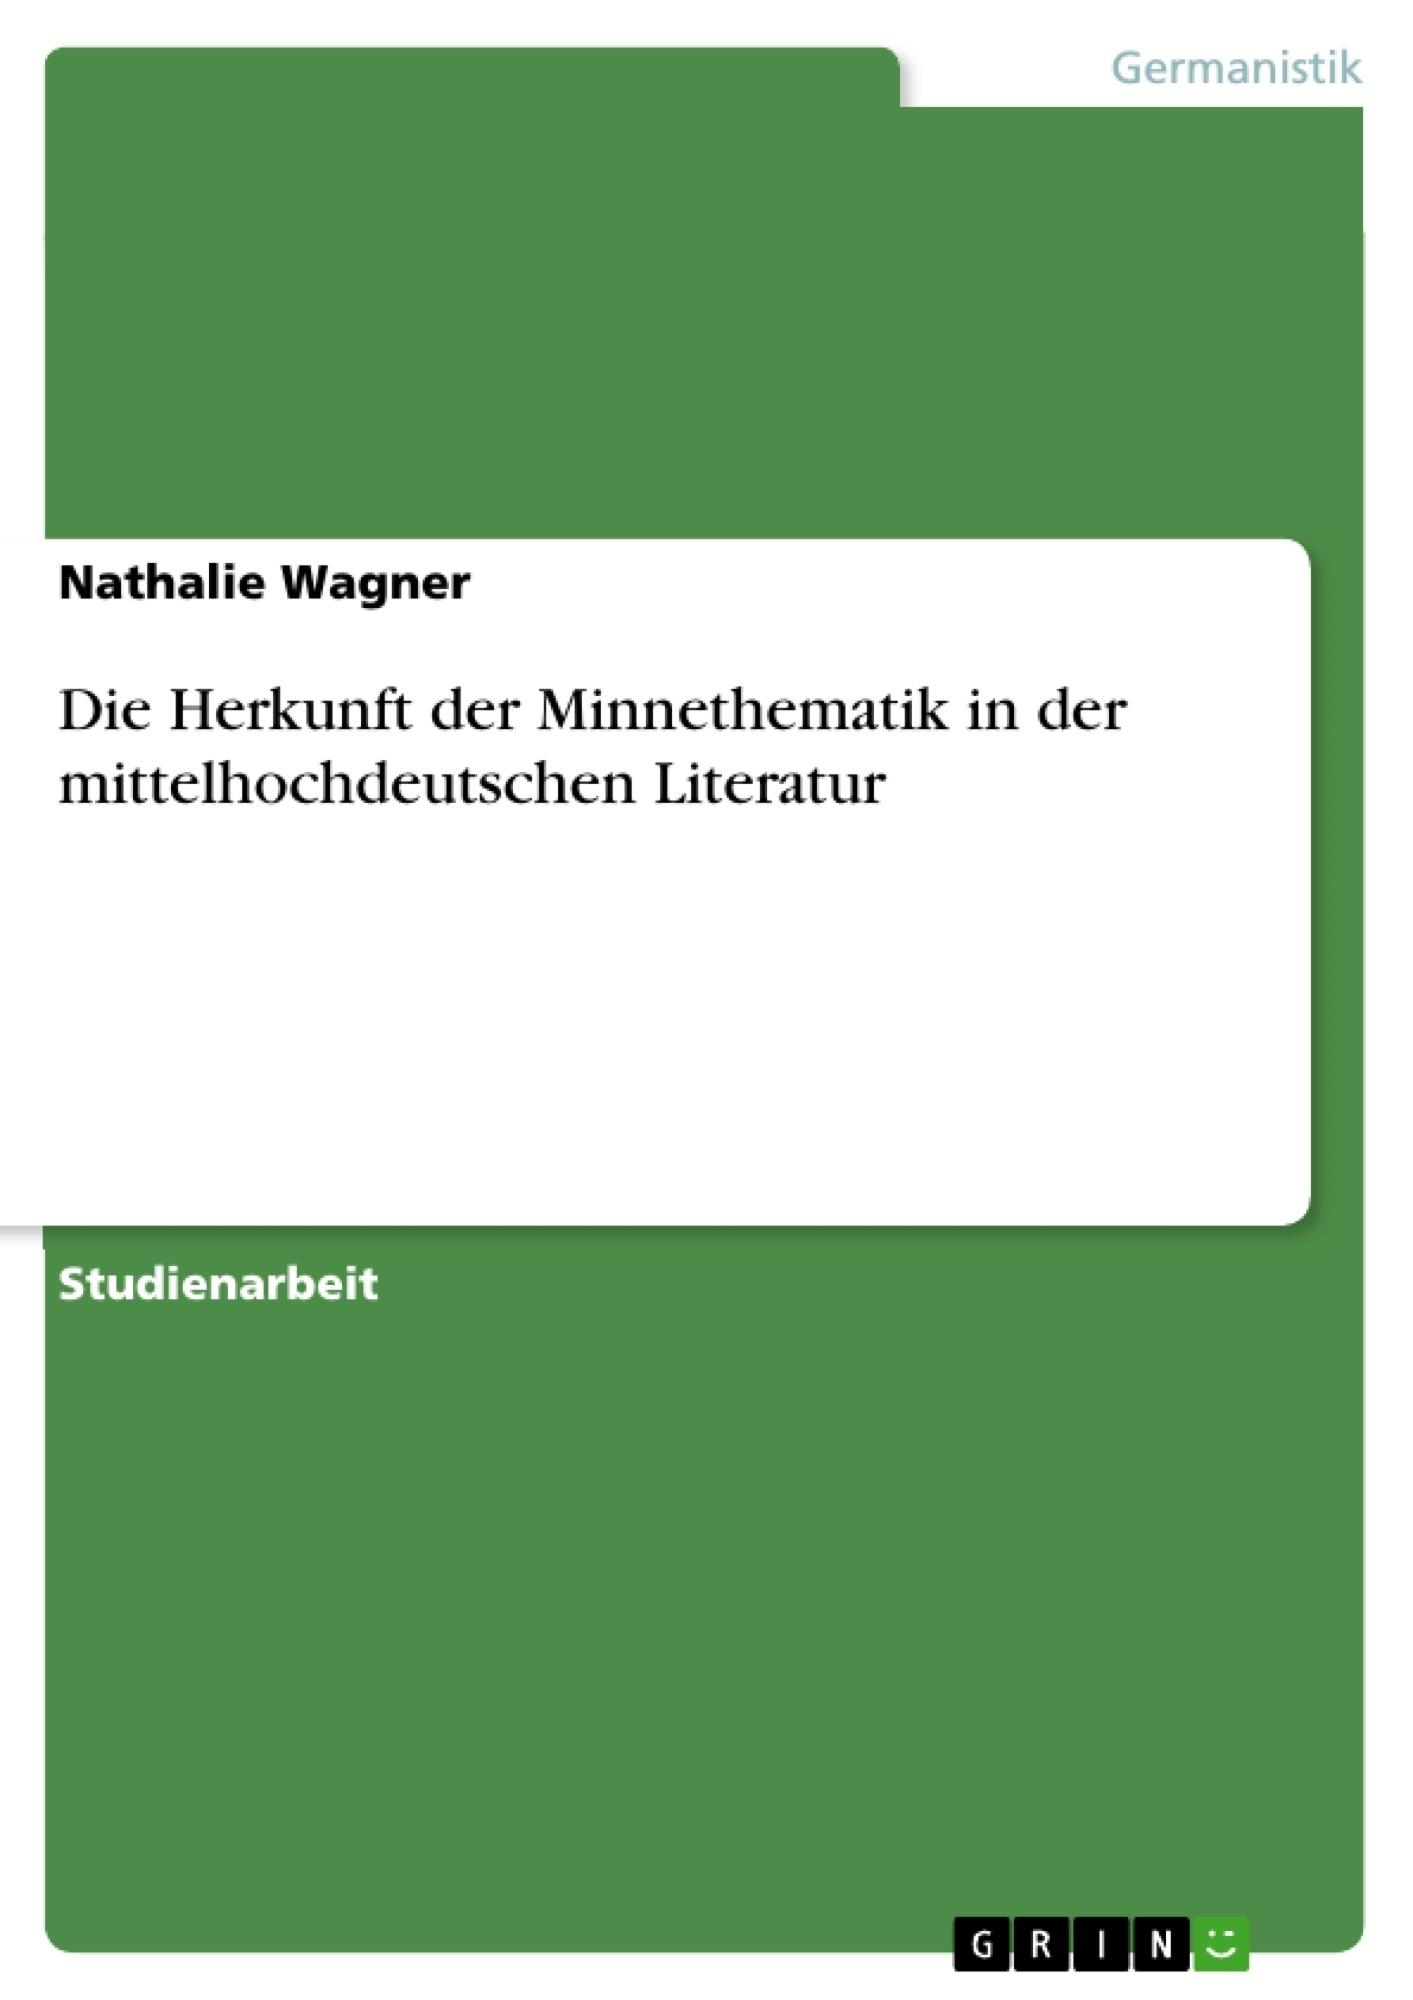 Titel: Die Herkunft der Minnethematik in der mittelhochdeutschen Literatur